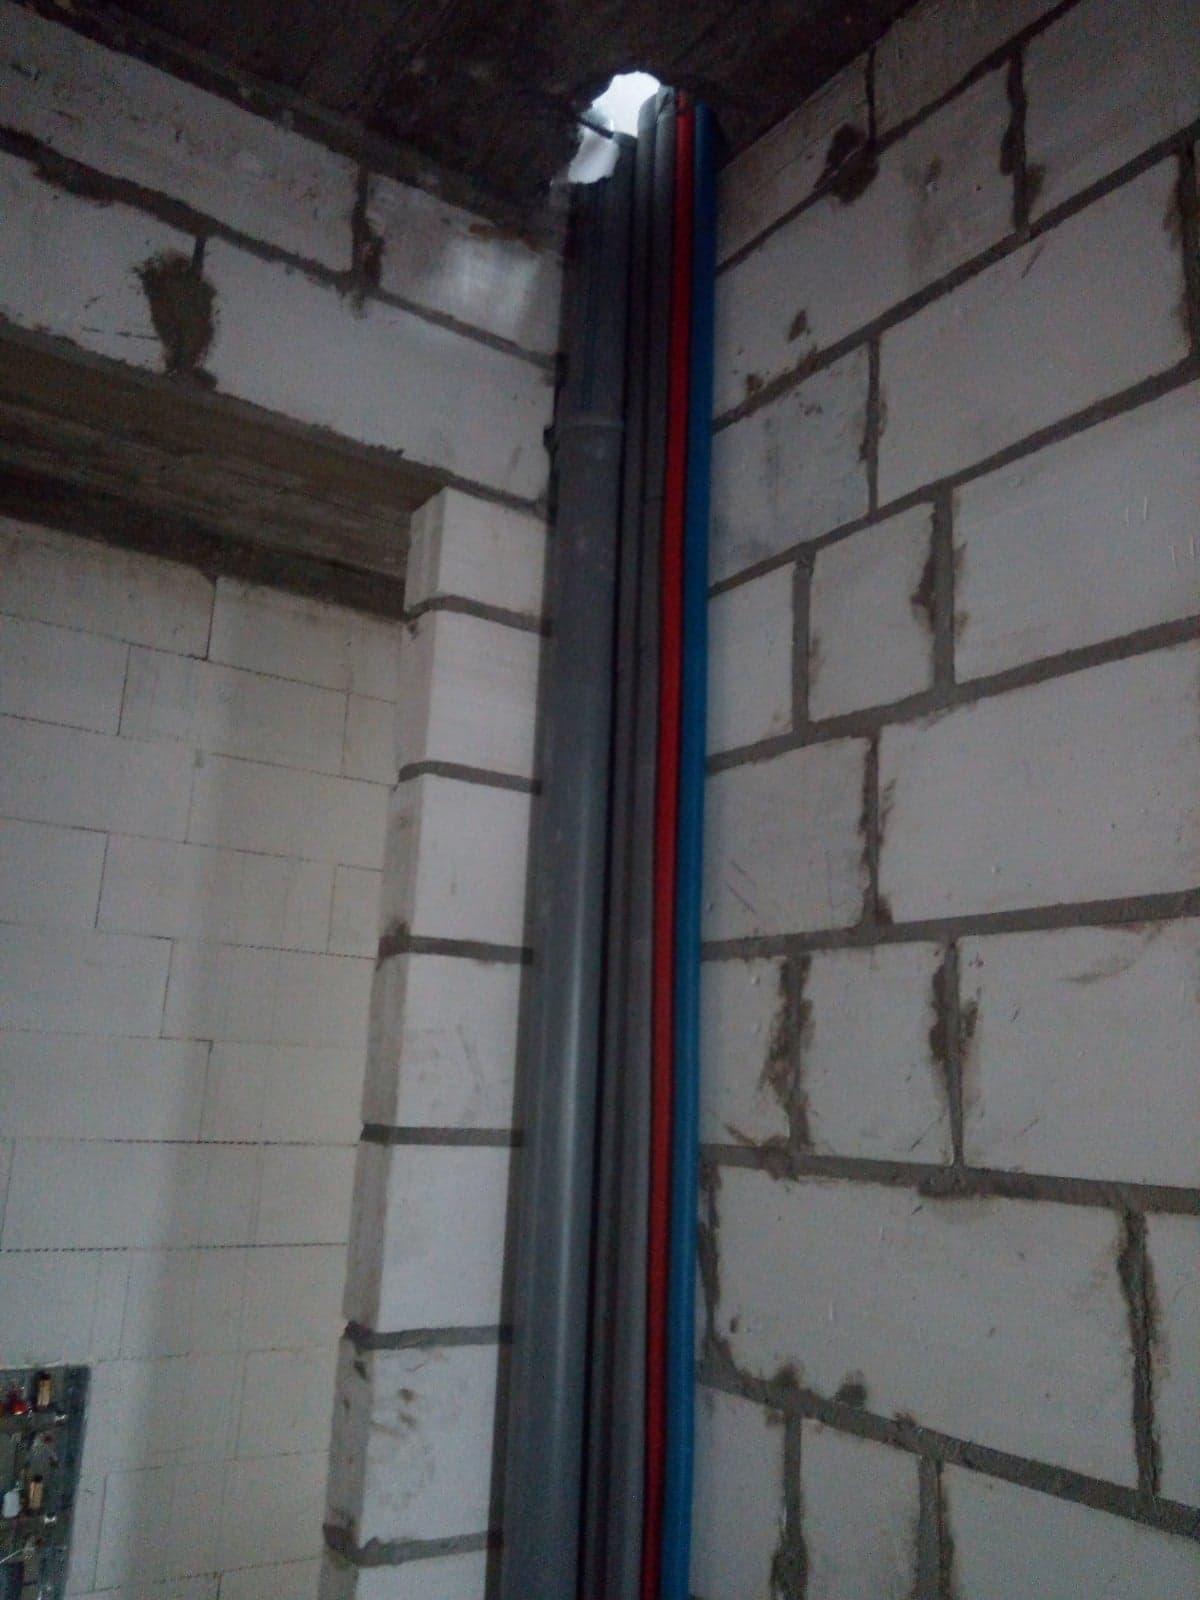 instalacja wodna i kanalizacjaStarachowice Osrowiec Skarżysko